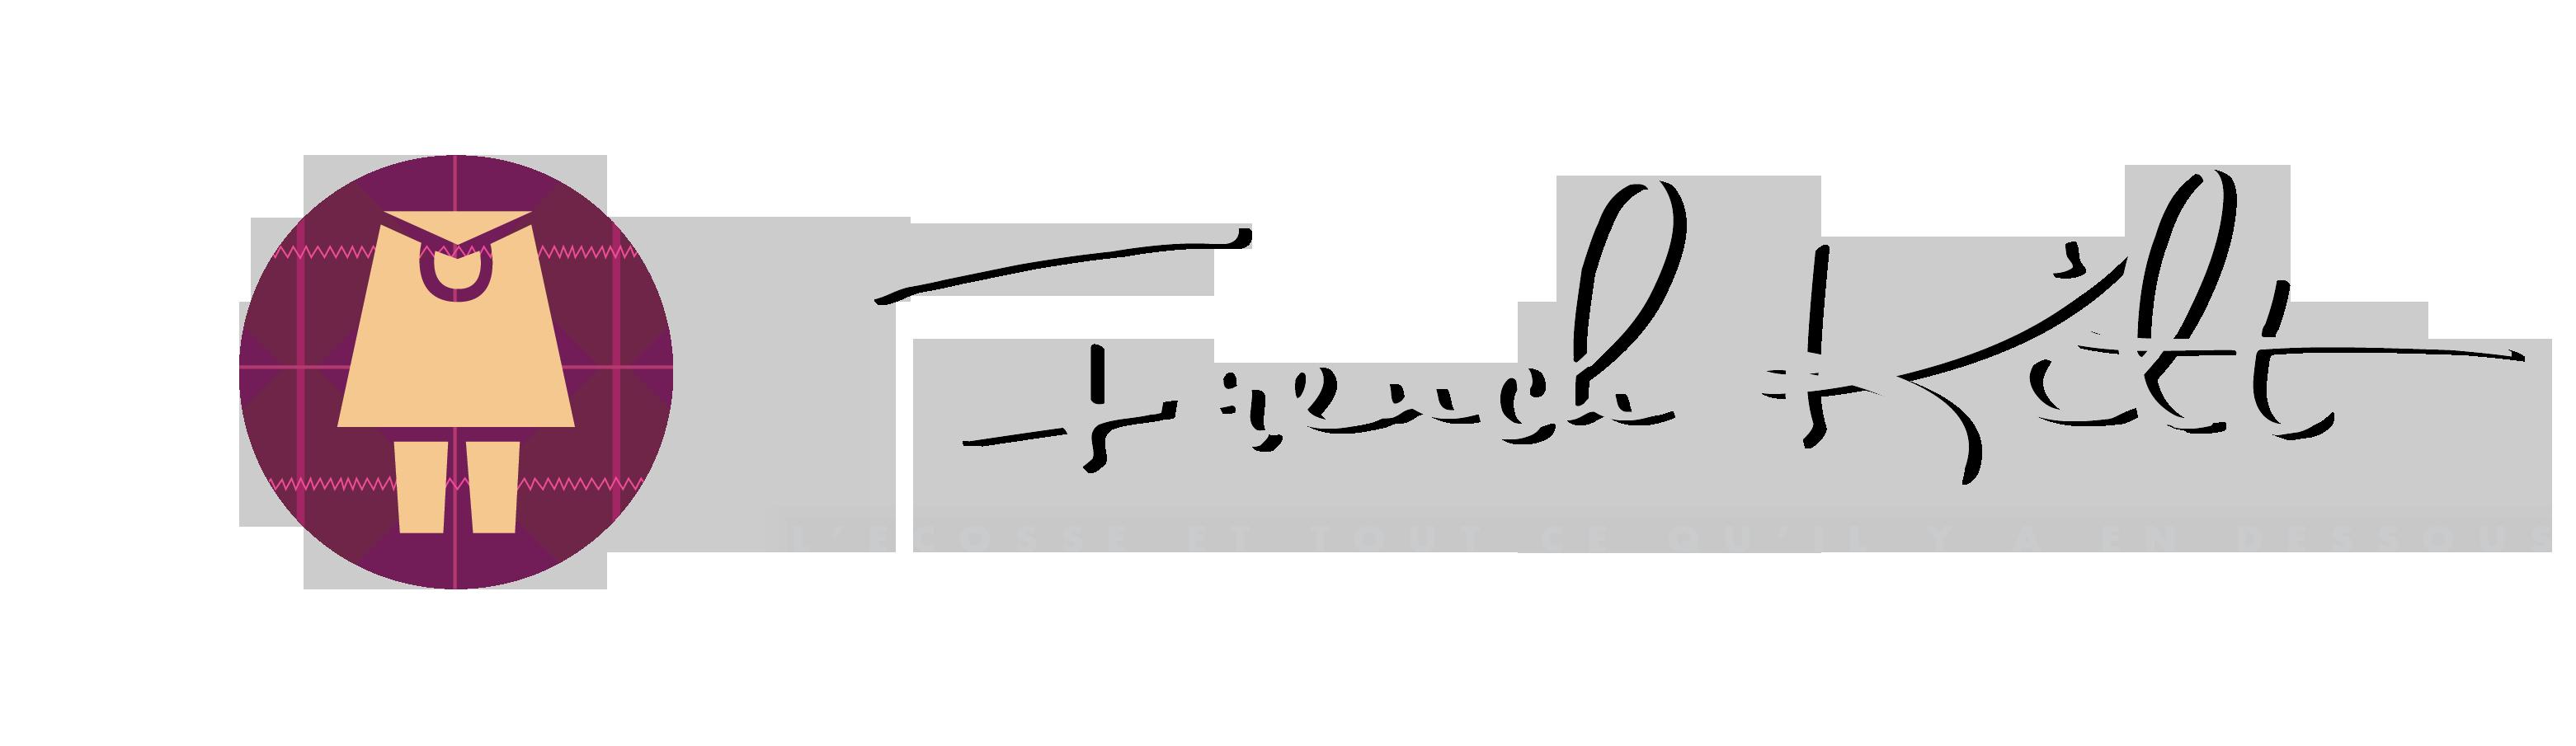 French Kilt - Le blog de l'Ecosse et tout ce qu'il y a en dessous